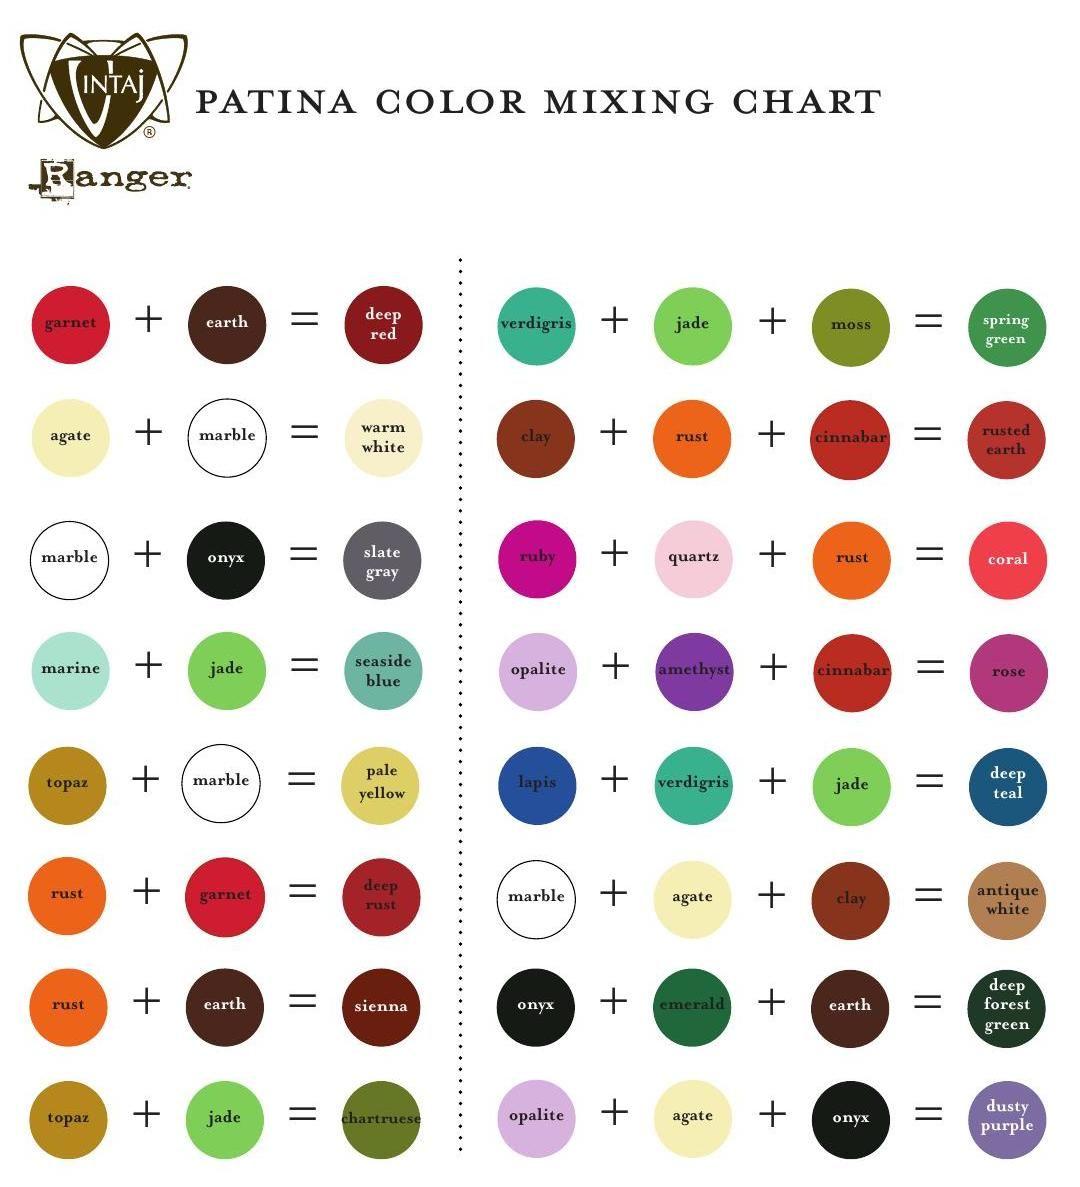 Patina color mixing chart color mixing chart chart and for Como combinar colores de pintura